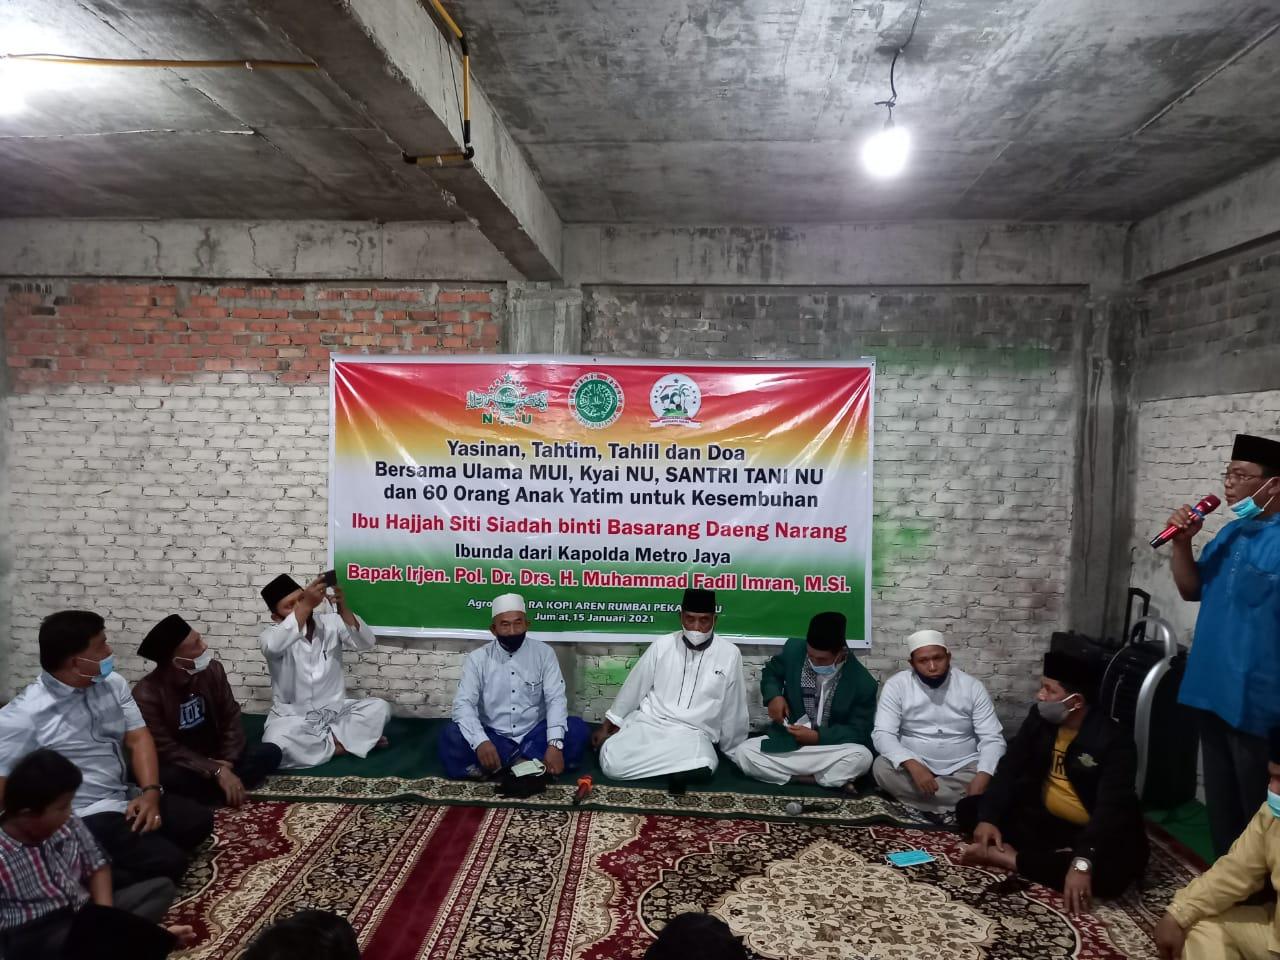 Dari Pekanbaru, SantanNU dan Anak Yatim Berdoa untuk Kesembuhan Ibunda Irjen Pol M Fadli Imron